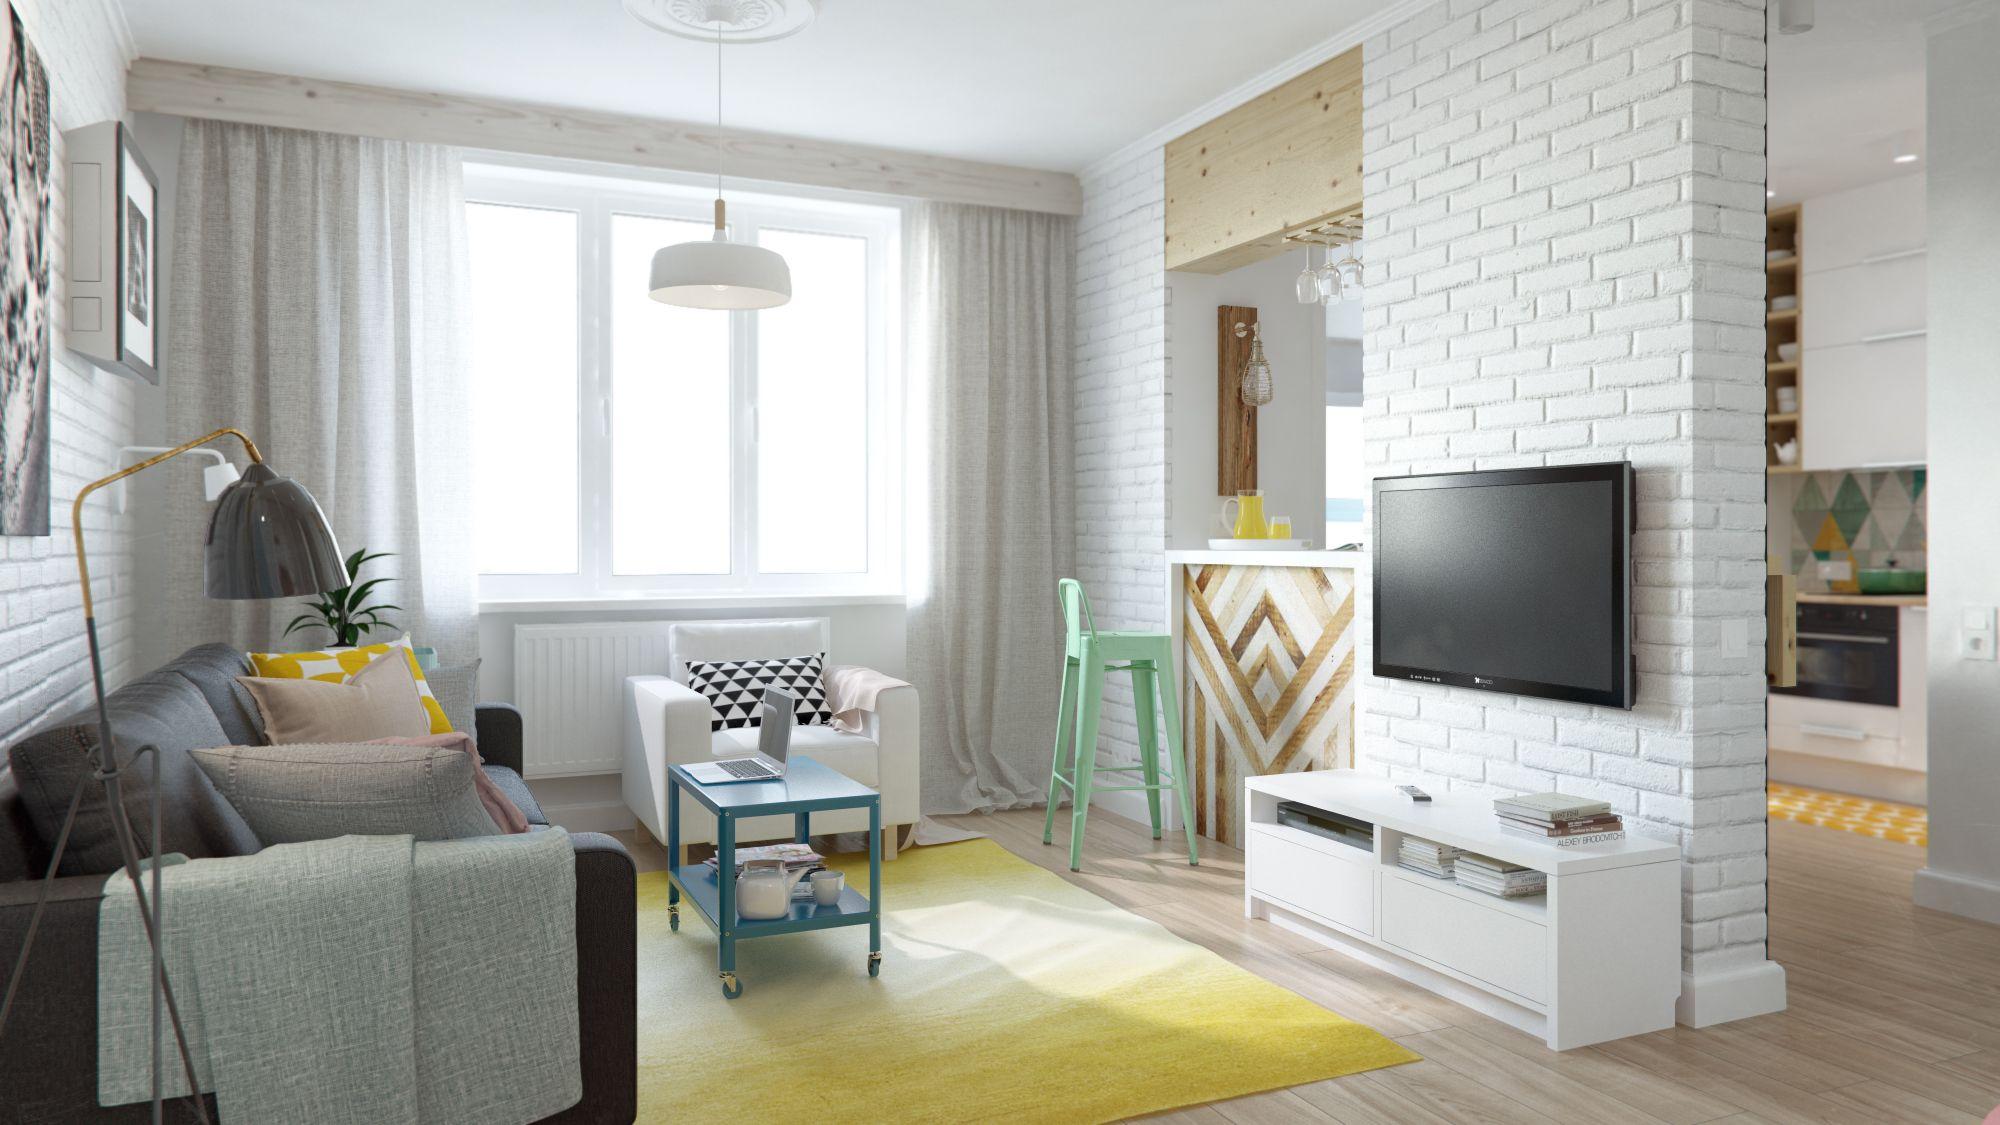 简约的吊灯很是时尚,电视旁边制作了一个小吧台,空间利用的恰当好处